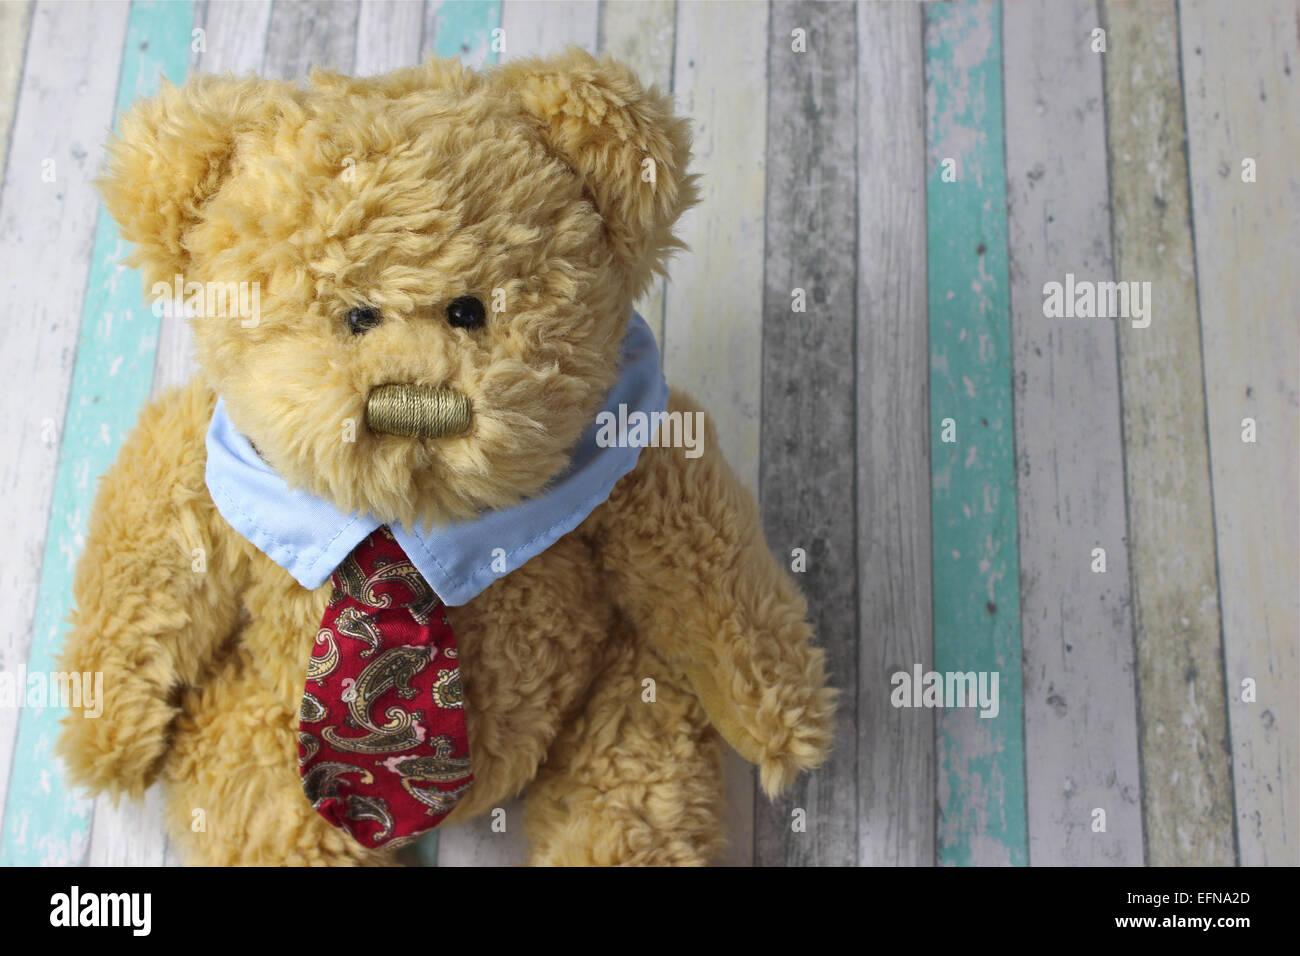 Office ours habillé en chemise et cravate contre un arrière-plan en bois rustique. Photo Stock